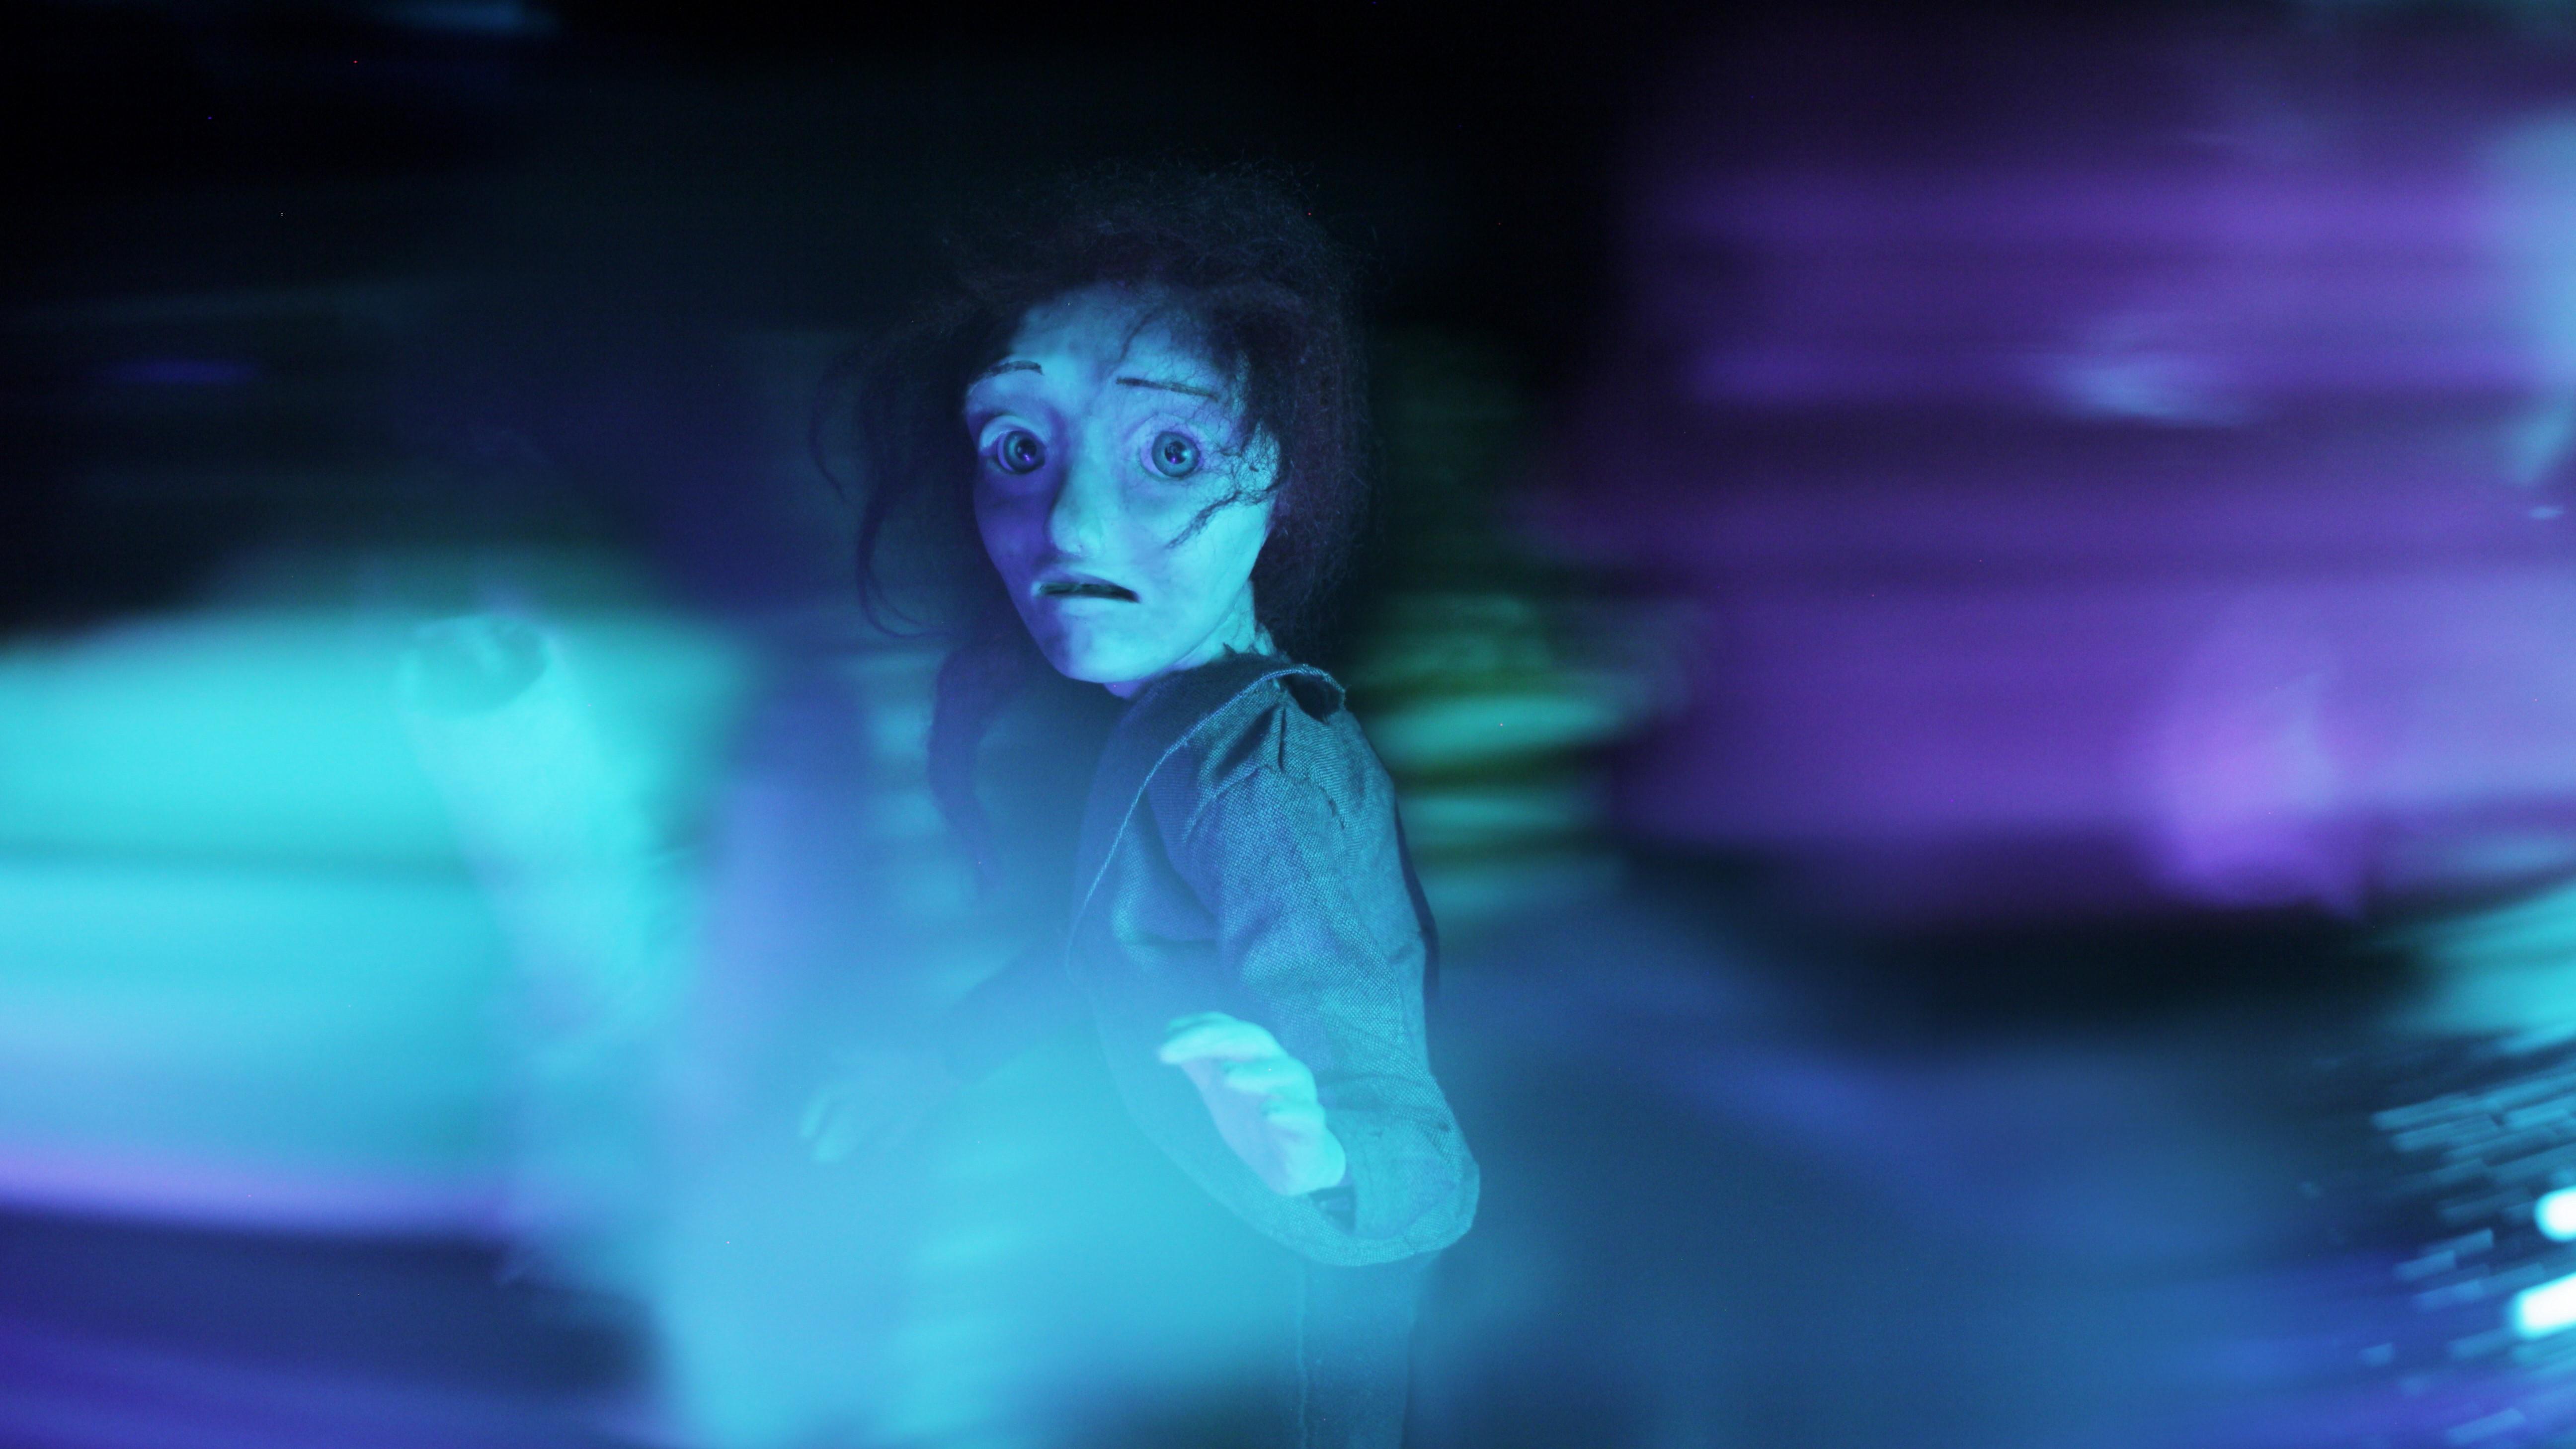 Inanimate Bulgheroni Lucia animatou